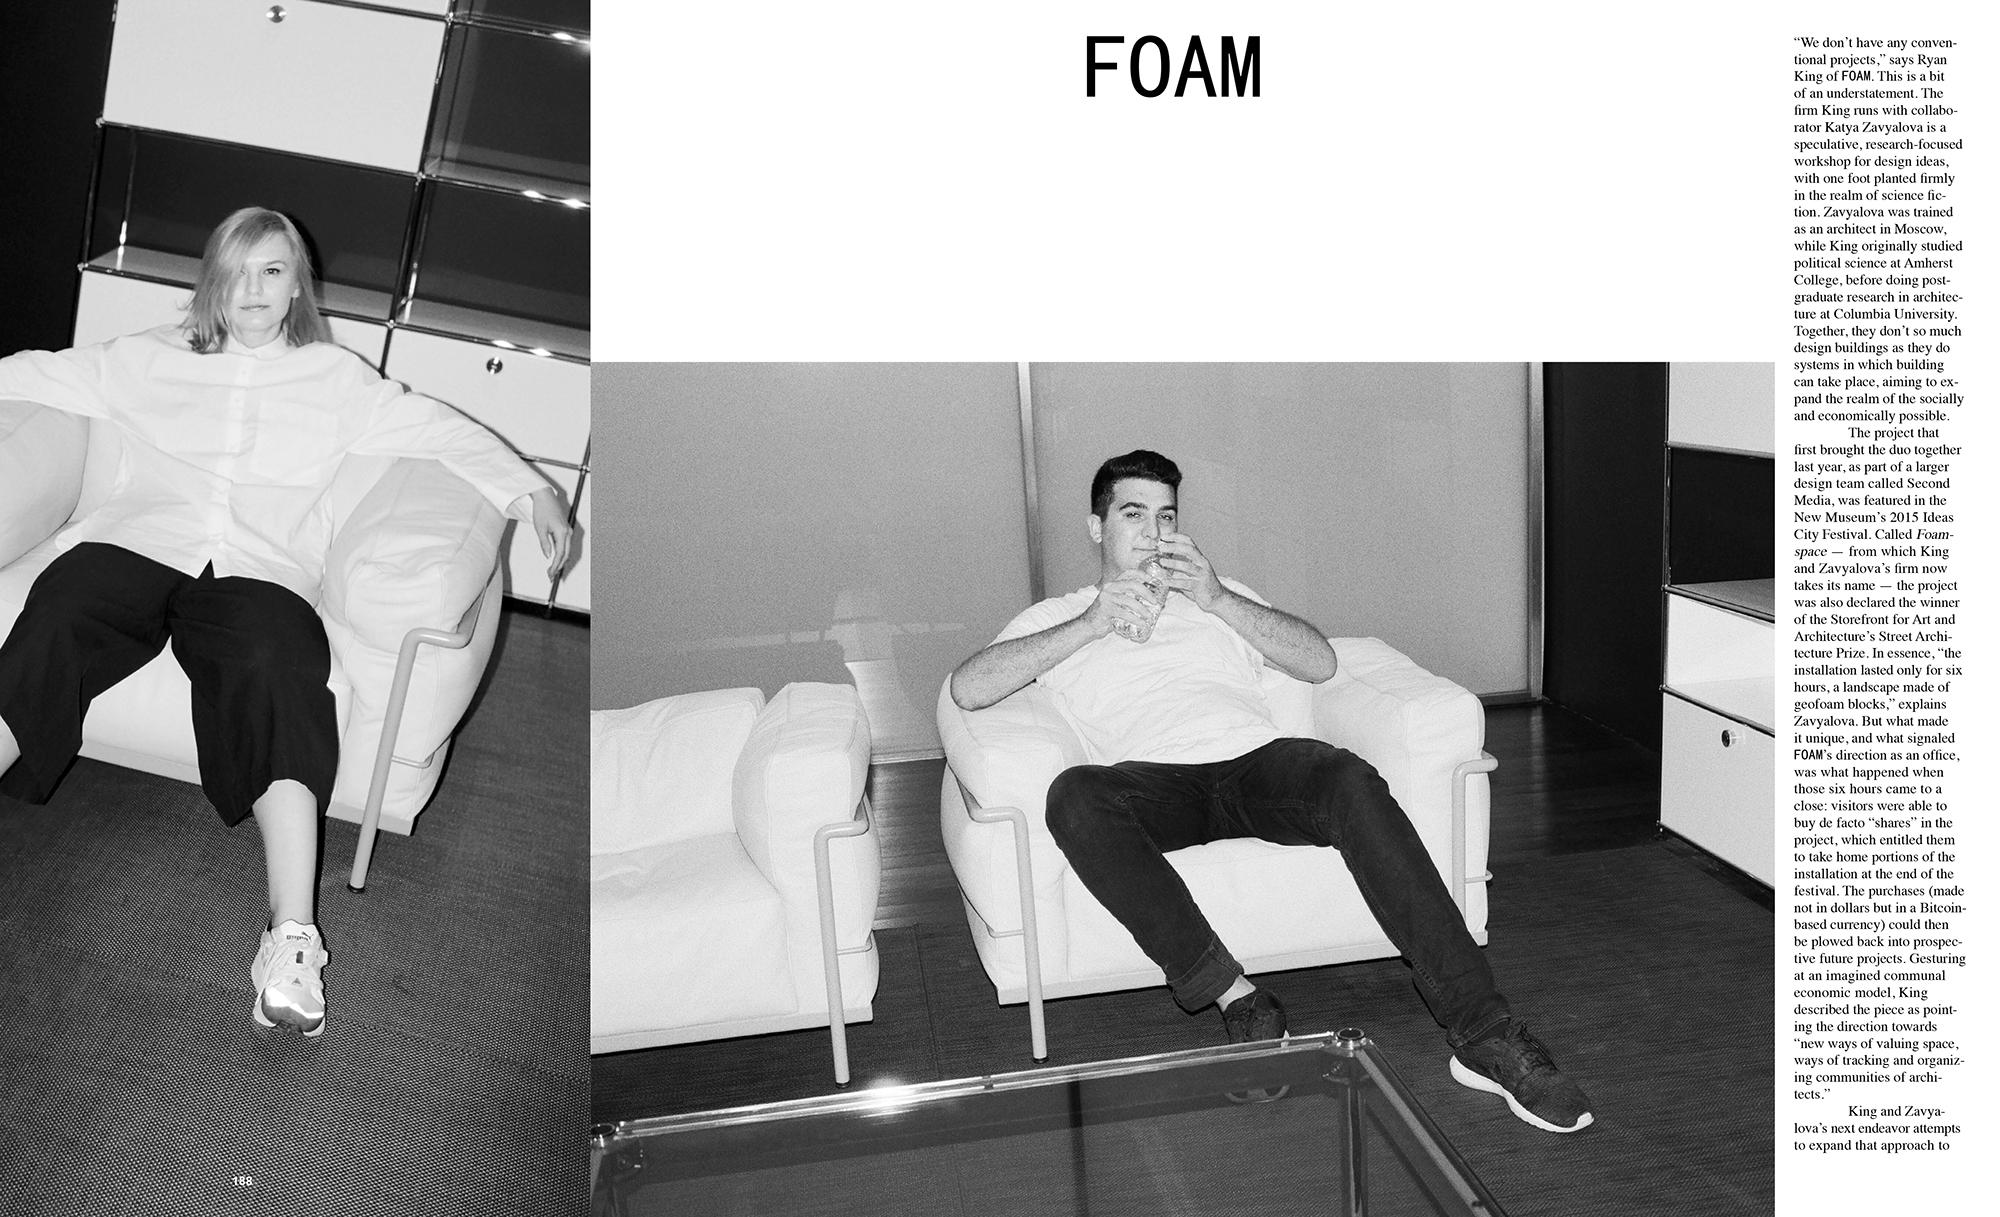 PINUP_FOAM_web.jpg